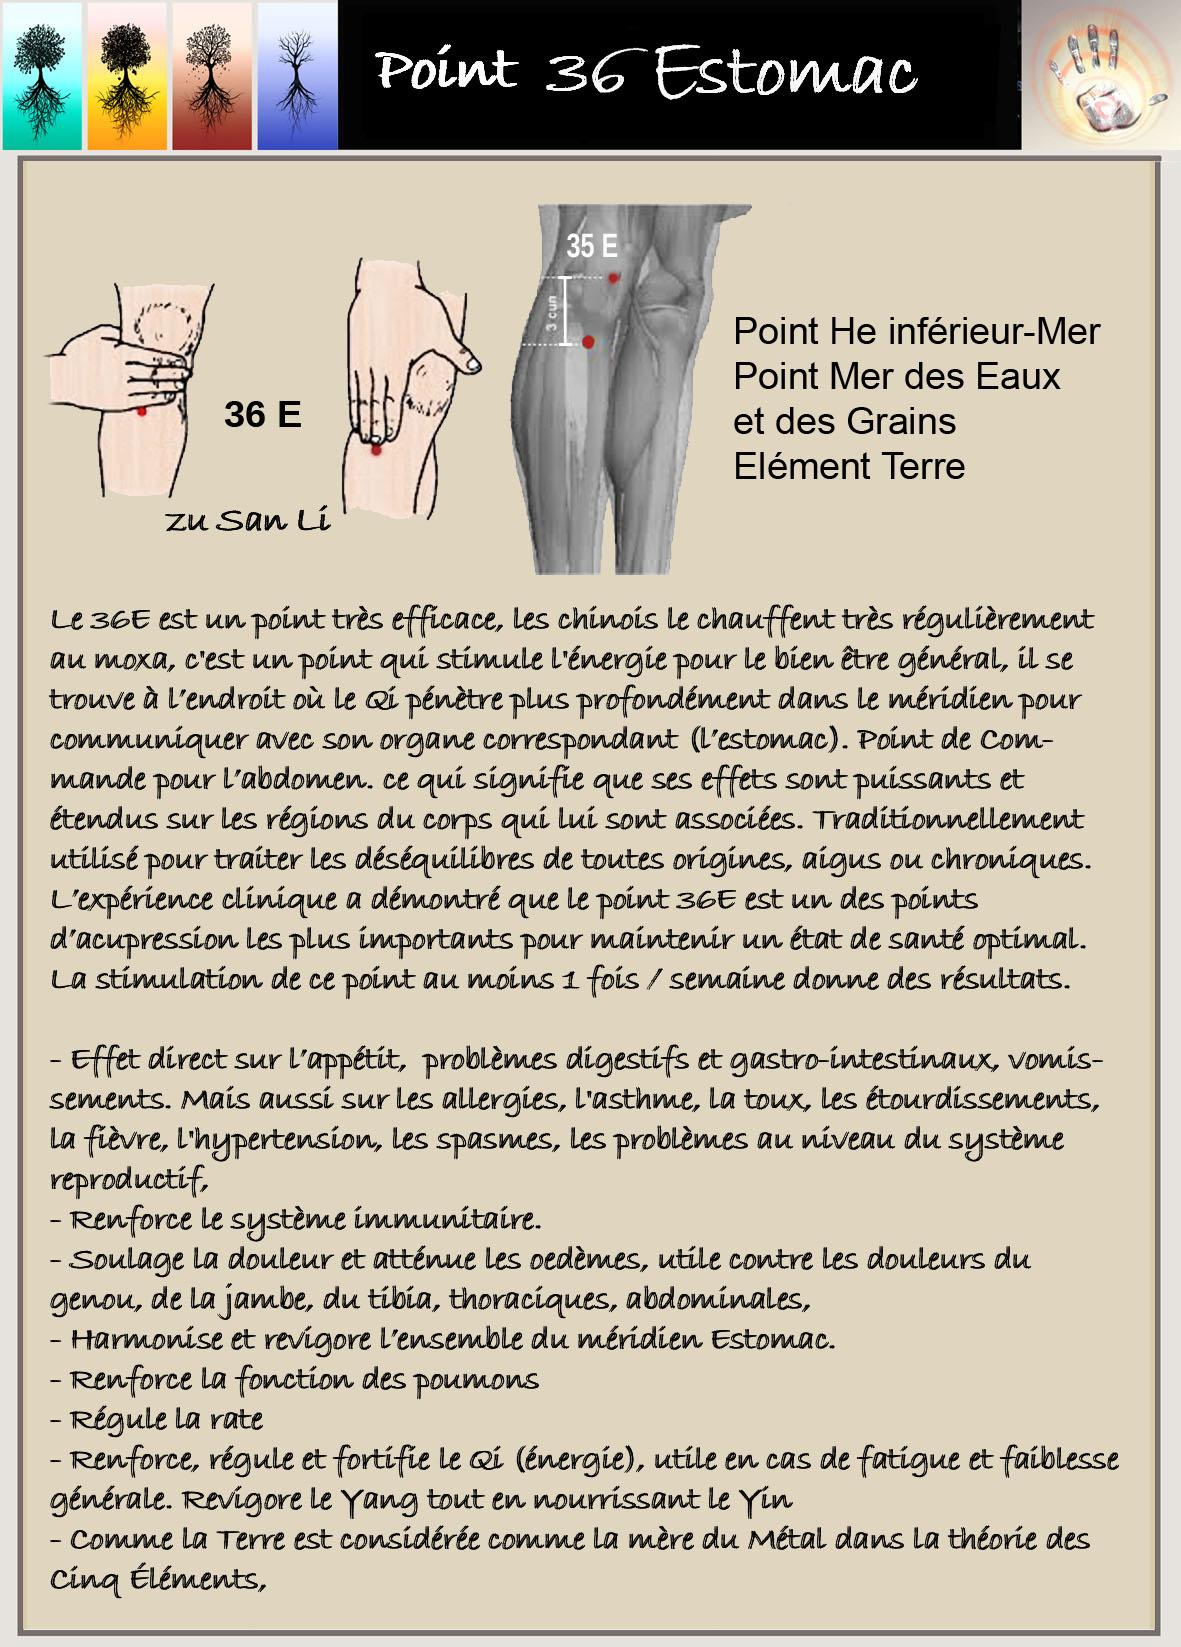 Point 36E.jpg